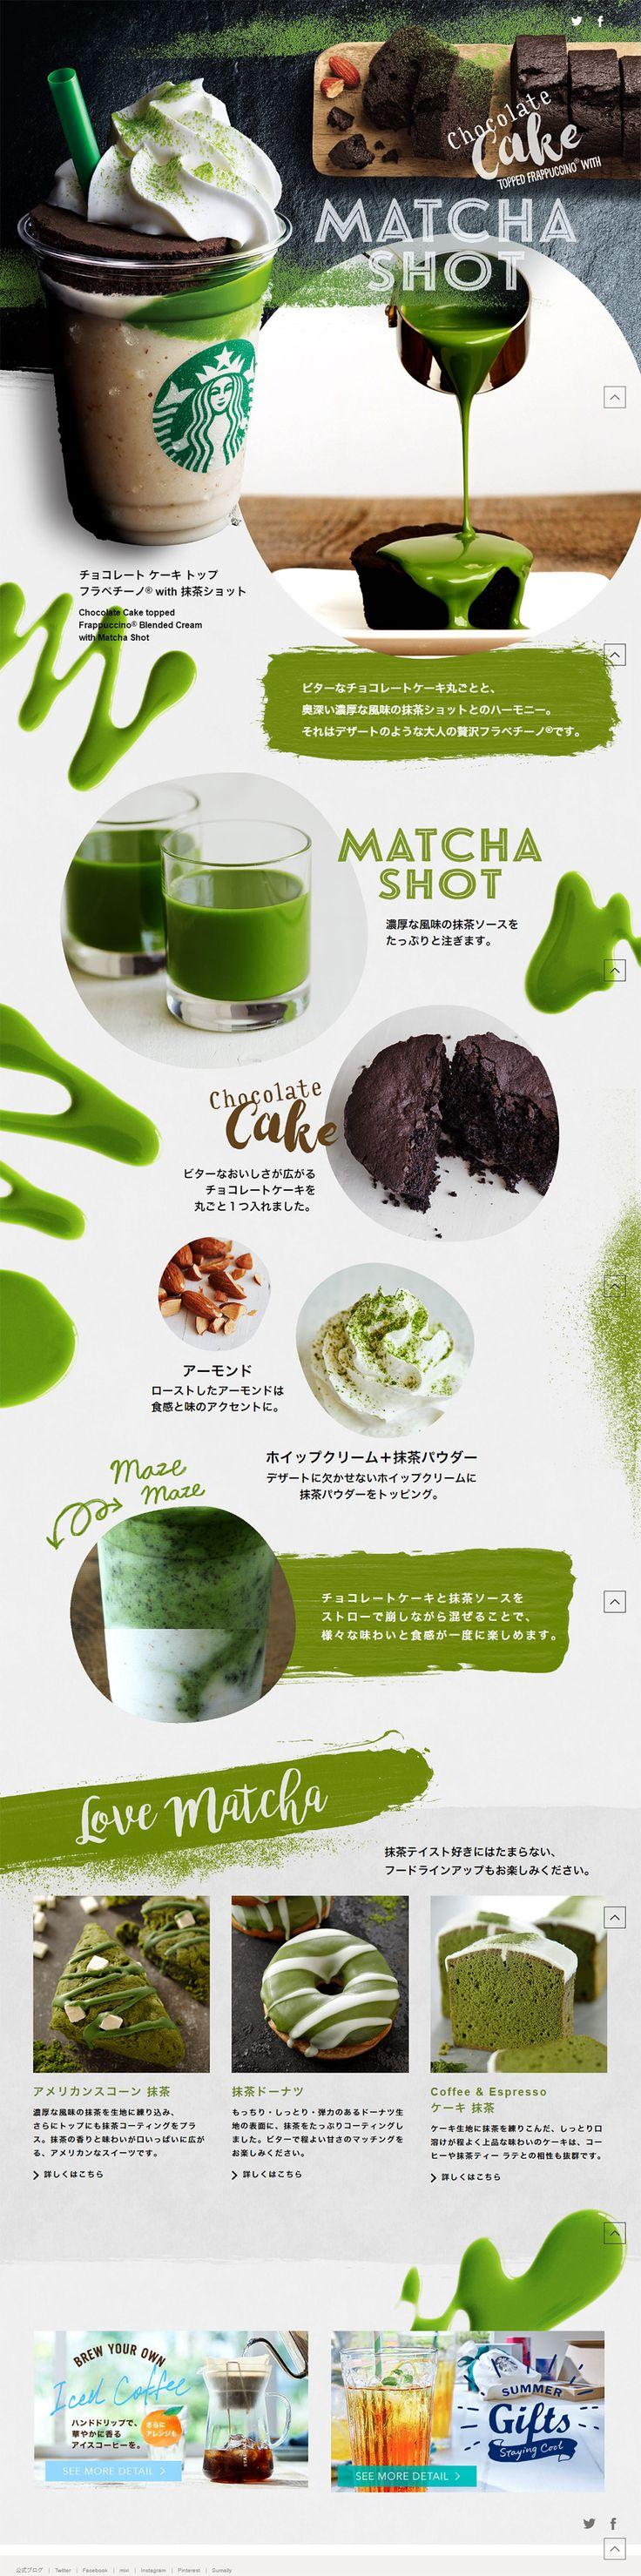 チョコレート ケーキ トップ フラペチーノwith 抹茶ショット|WEBデザイナーさん必見!ランディングページのデザイン参考に(和風系)